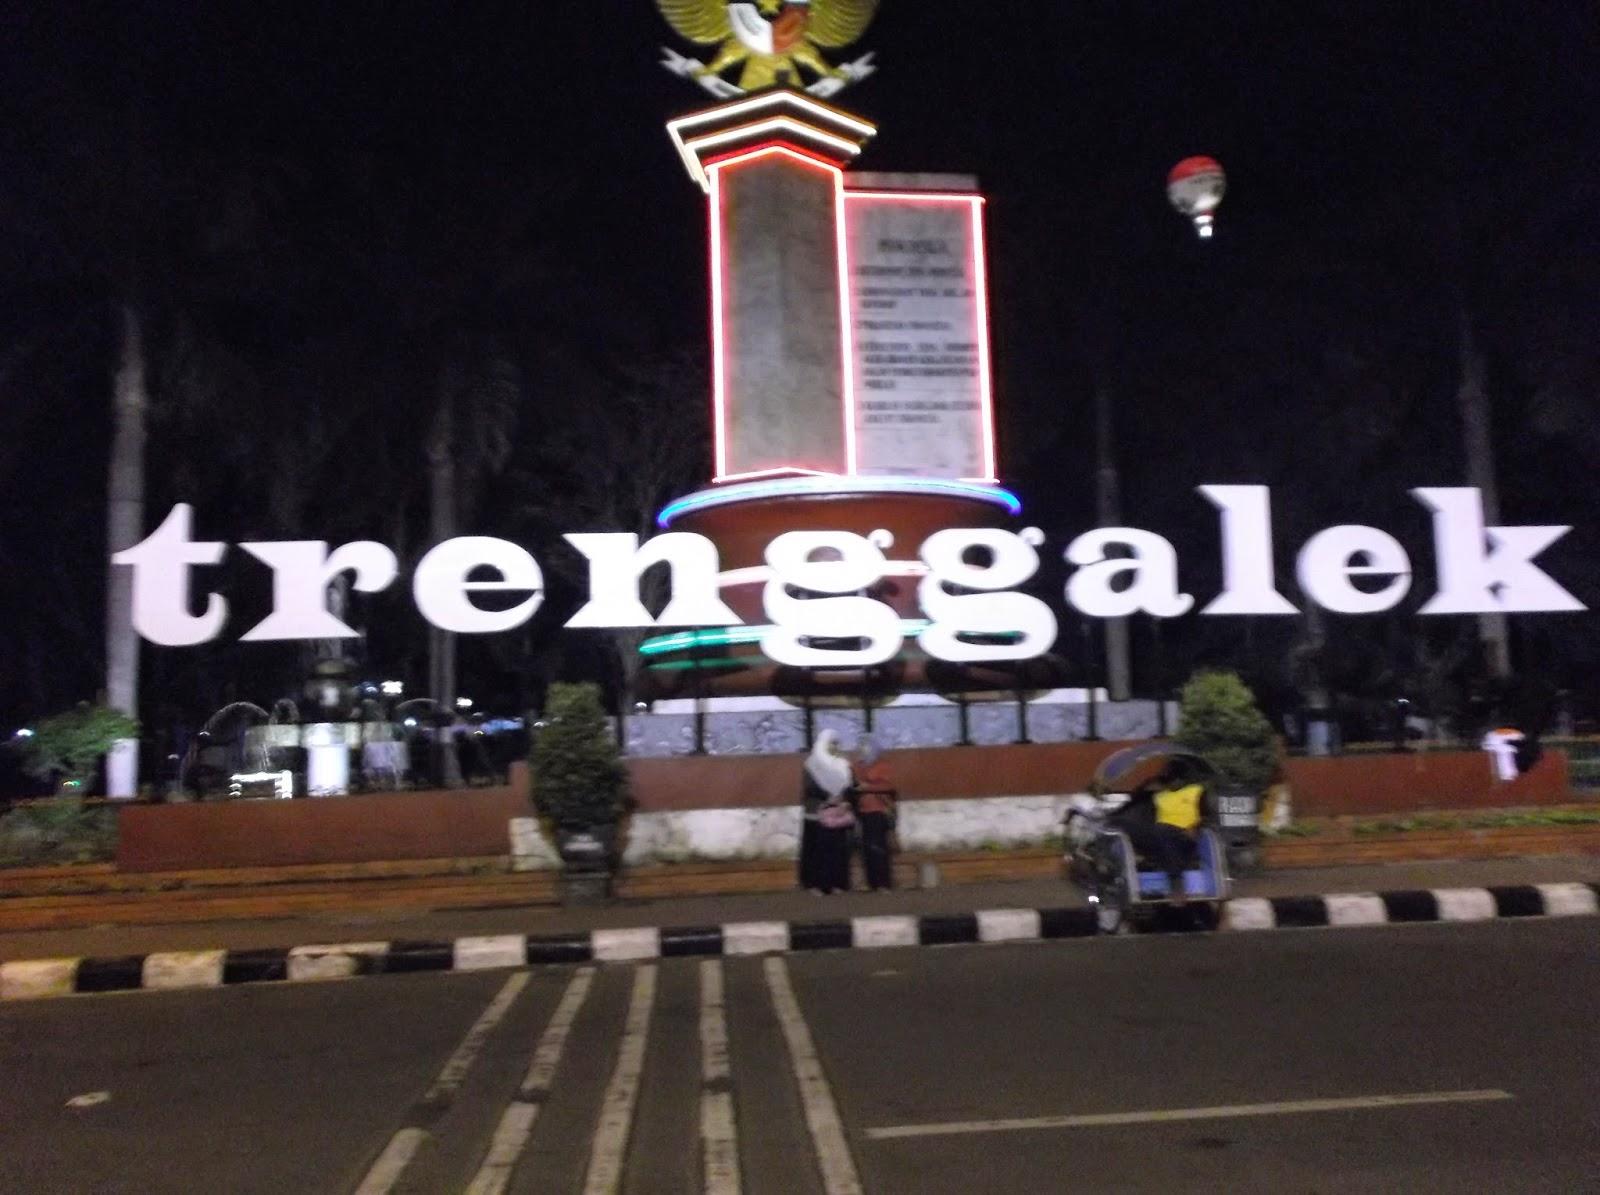 Amorelisensa Beach Mountain City Trenggalek Sebuah Kabupaten Provinsi Jawa Timur